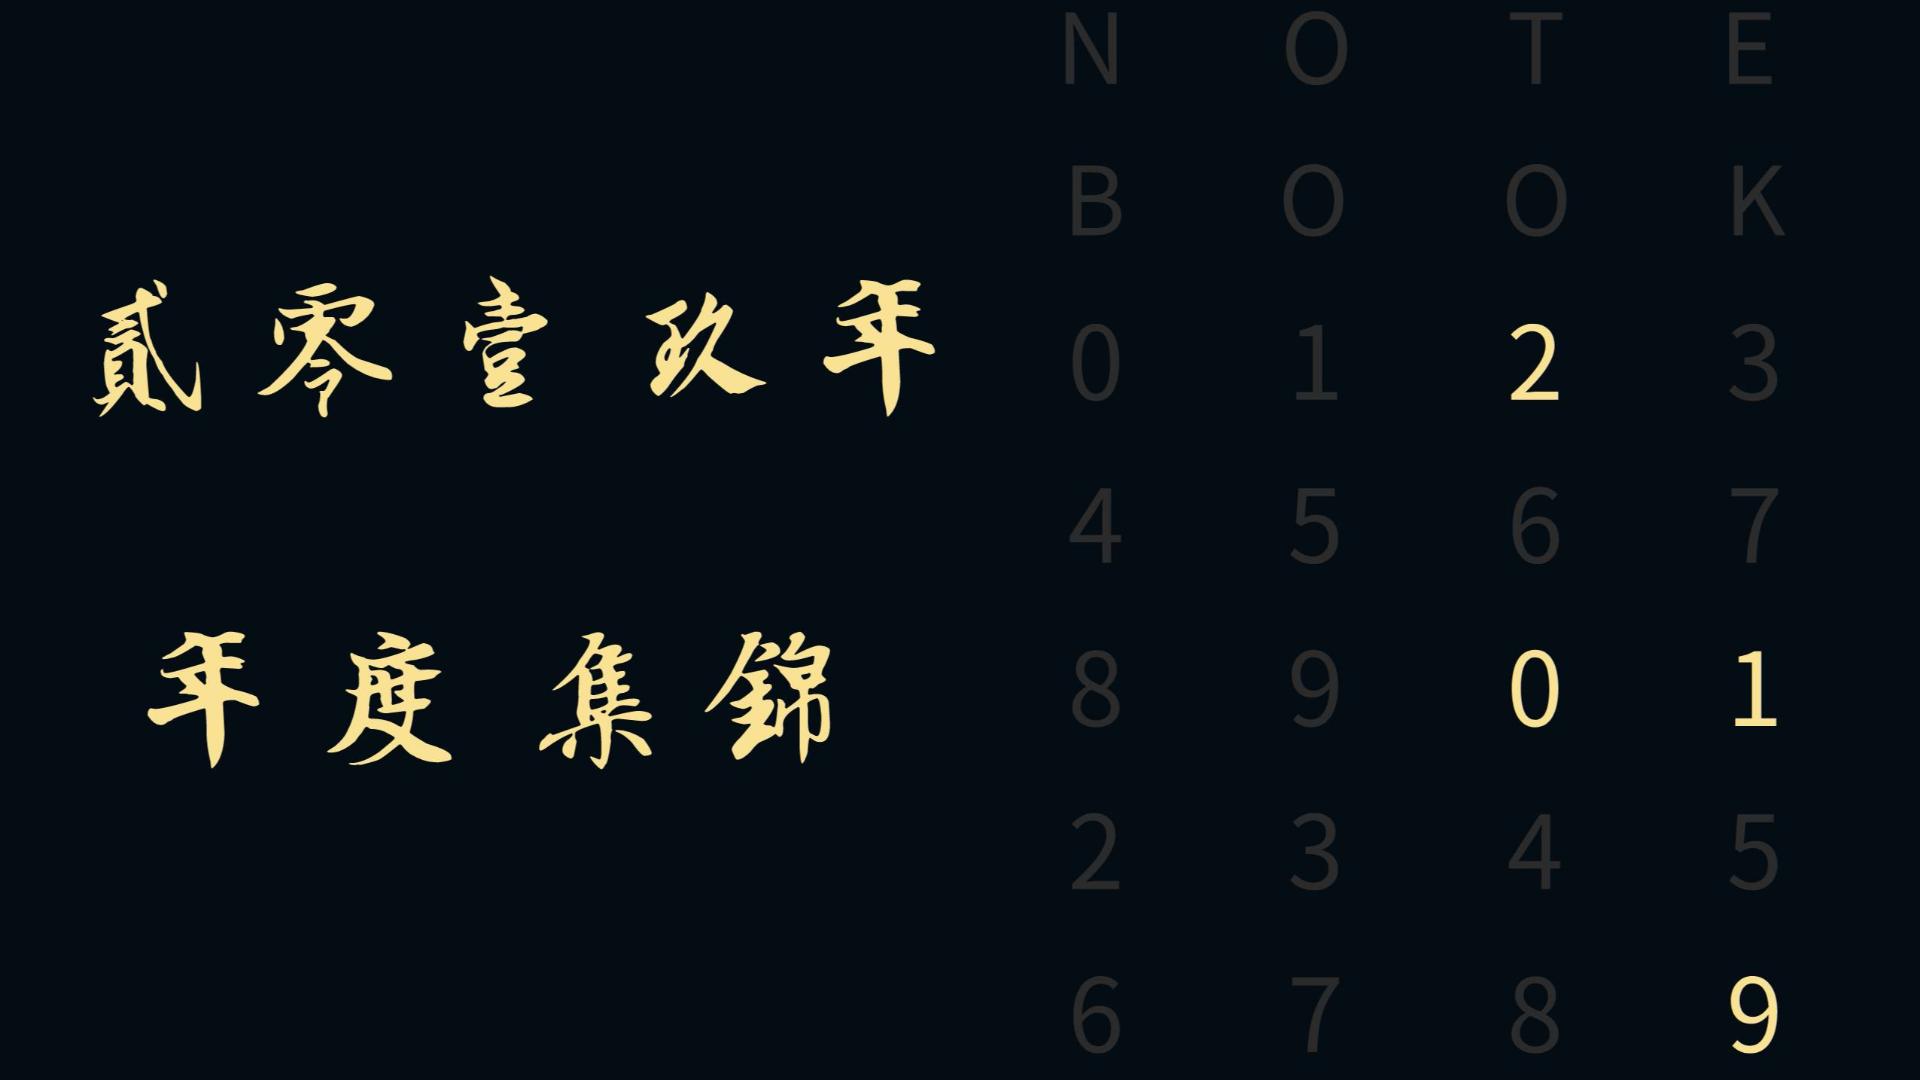 【逗哏小宇】2019年度搞笑集锦,武汉加油,祖国加油!!!